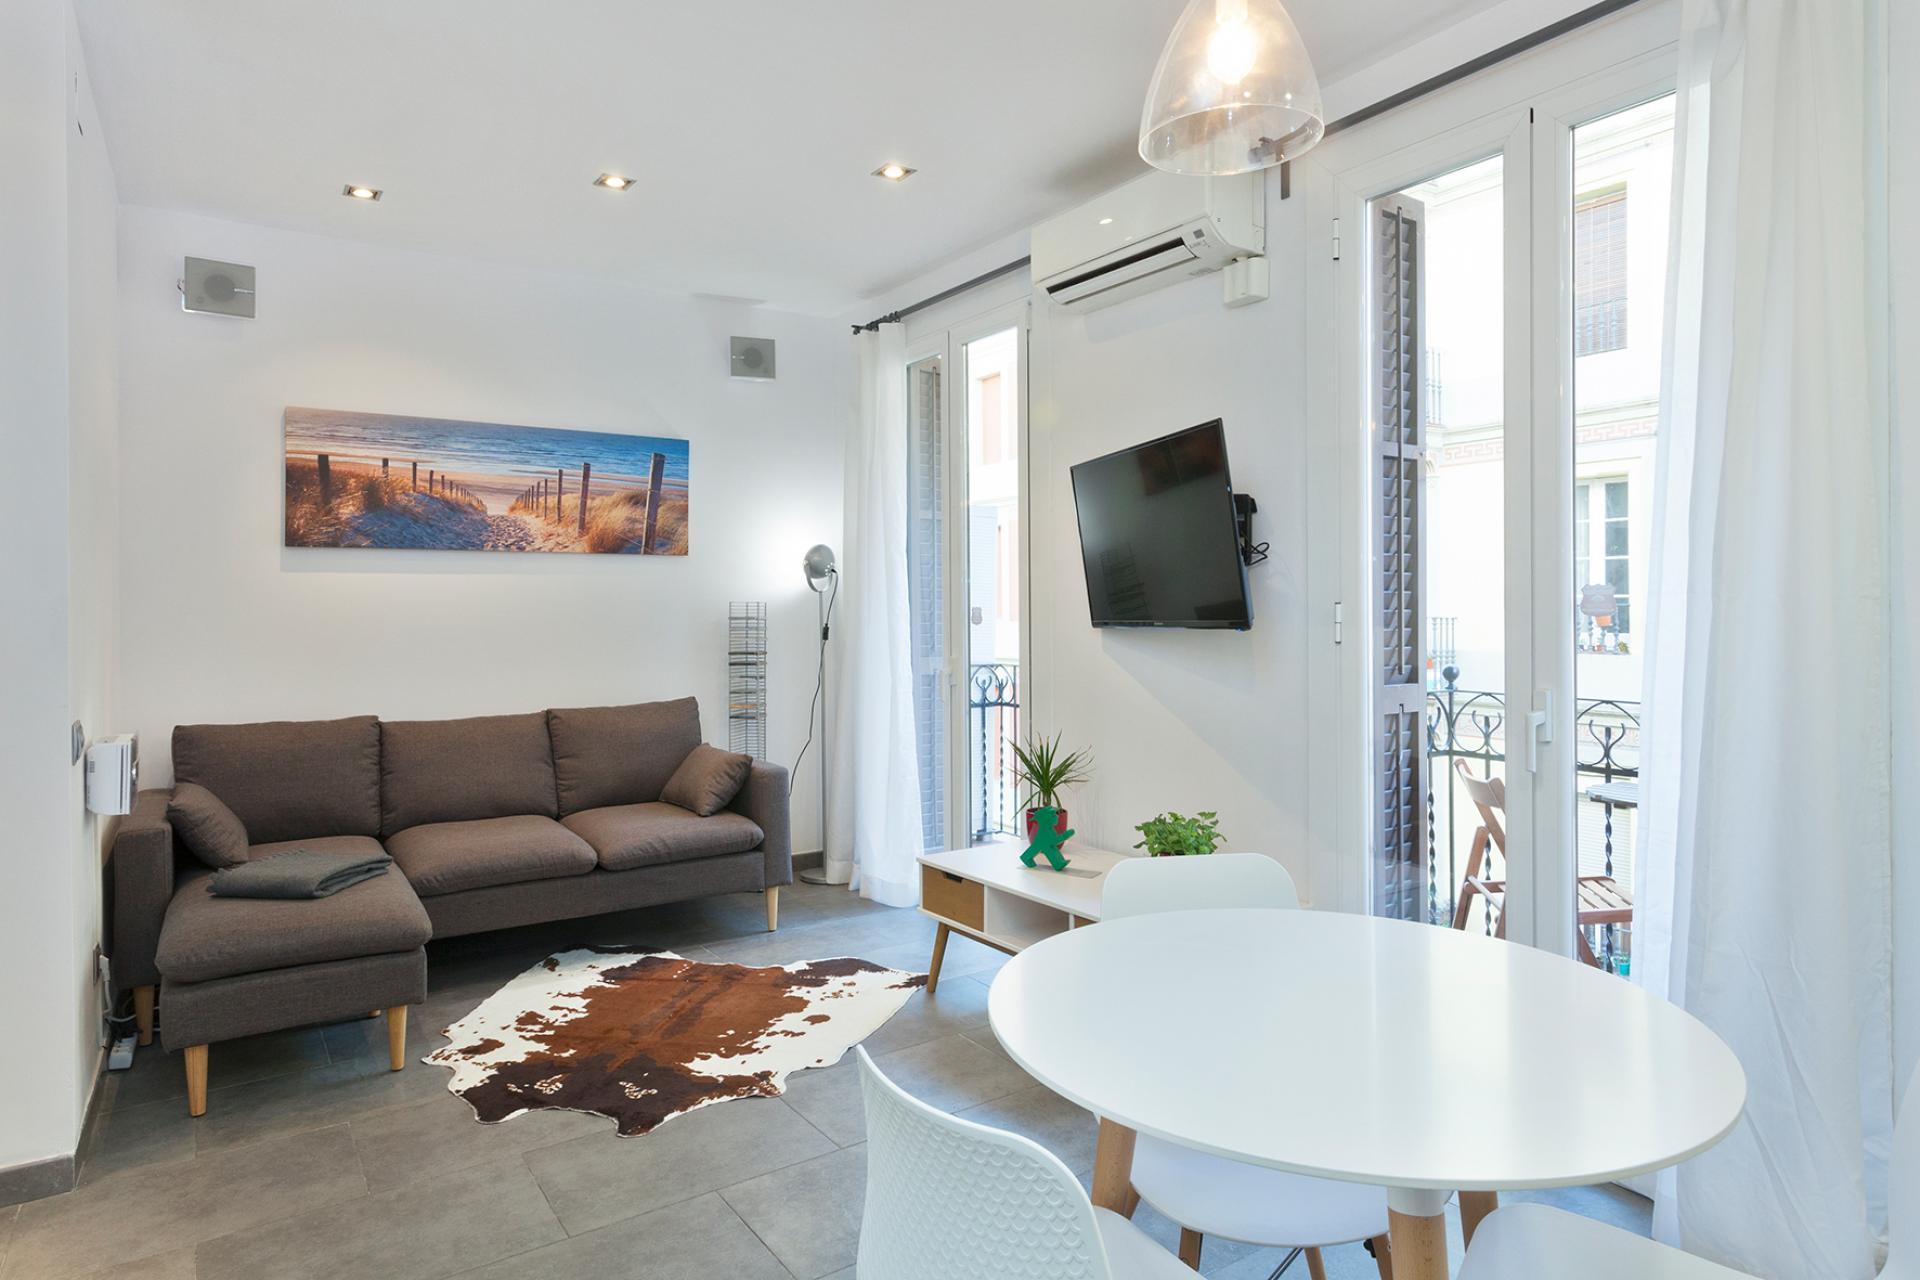 Piso con 2 habitaciones dobles – Carrer Magalhaes